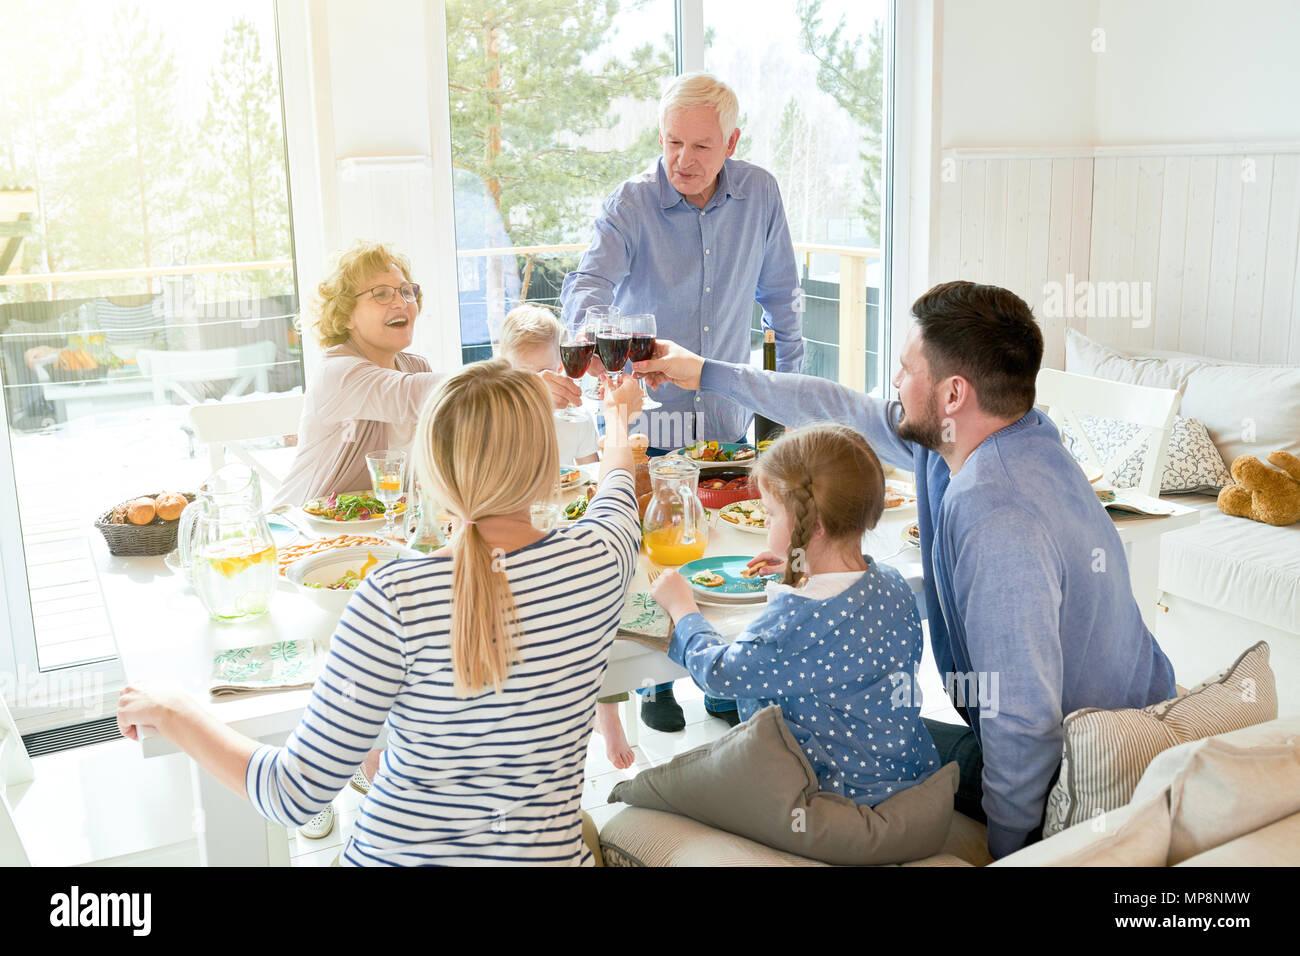 Reunión Familiar durante la cena. Imagen De Stock